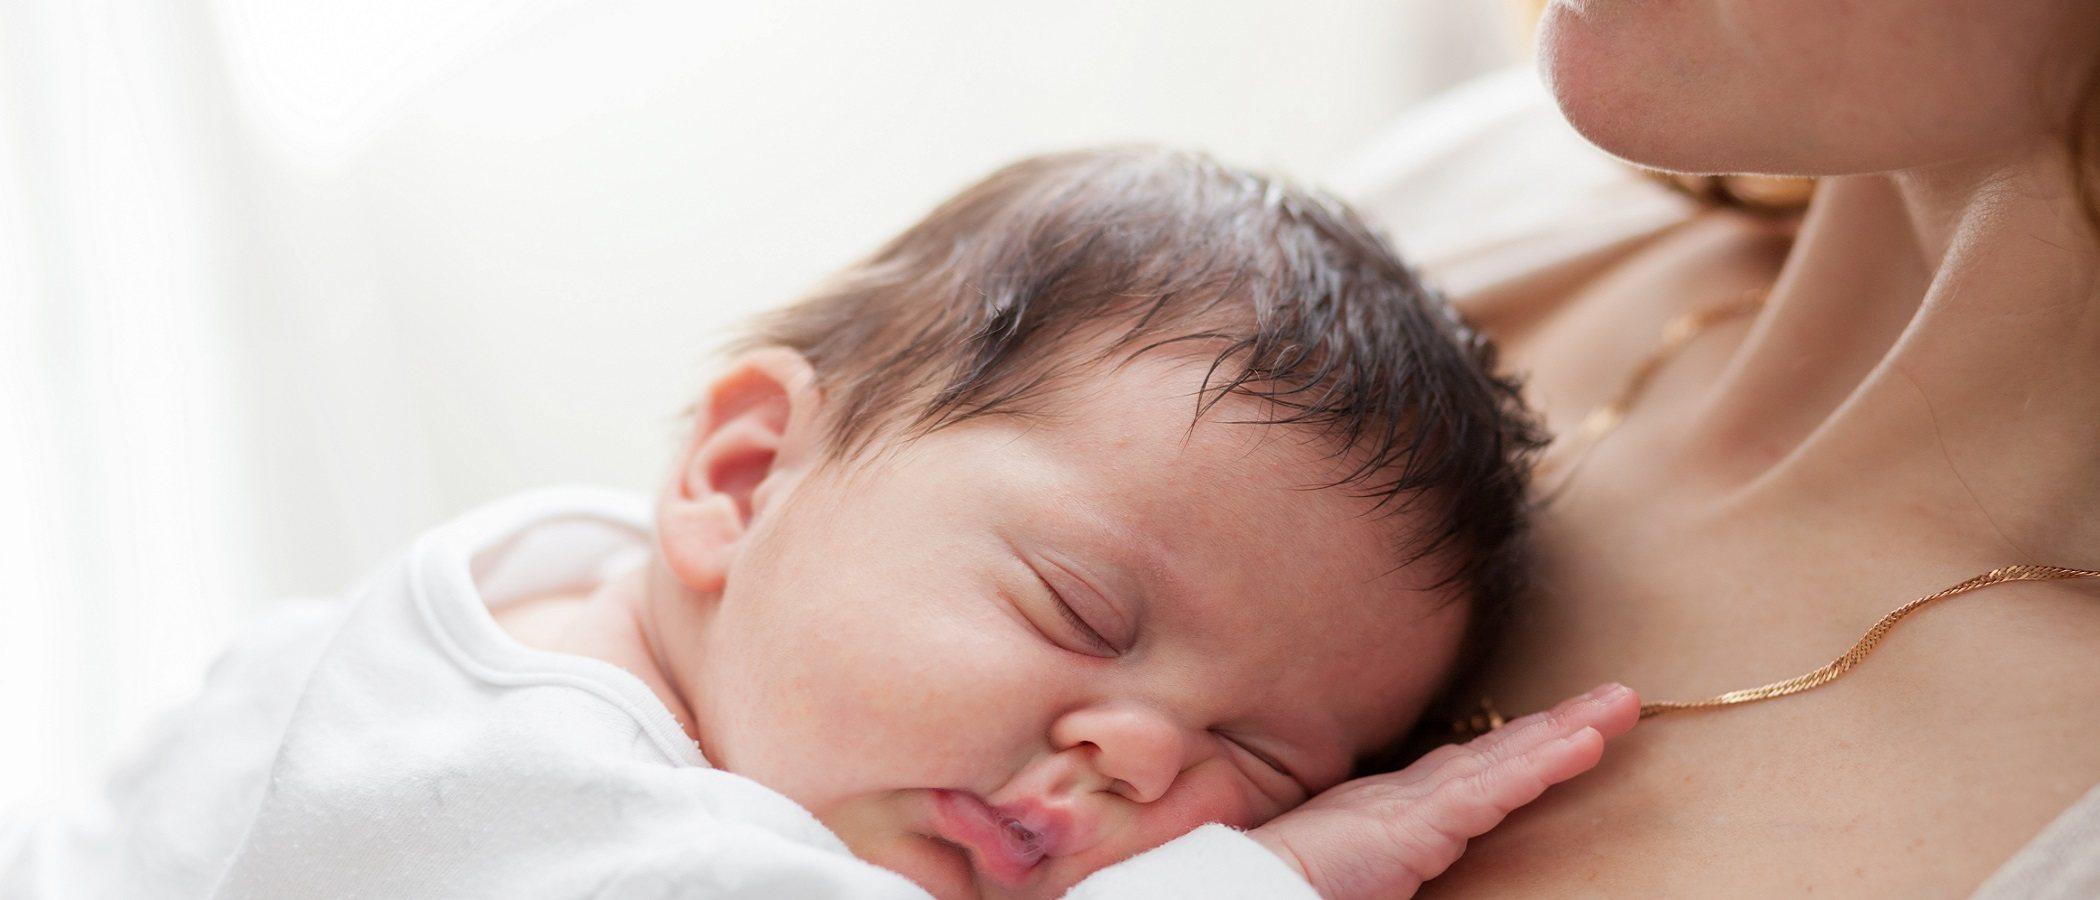 Quiero ser madre pero tengo miedo, ¿cómo superarlo?